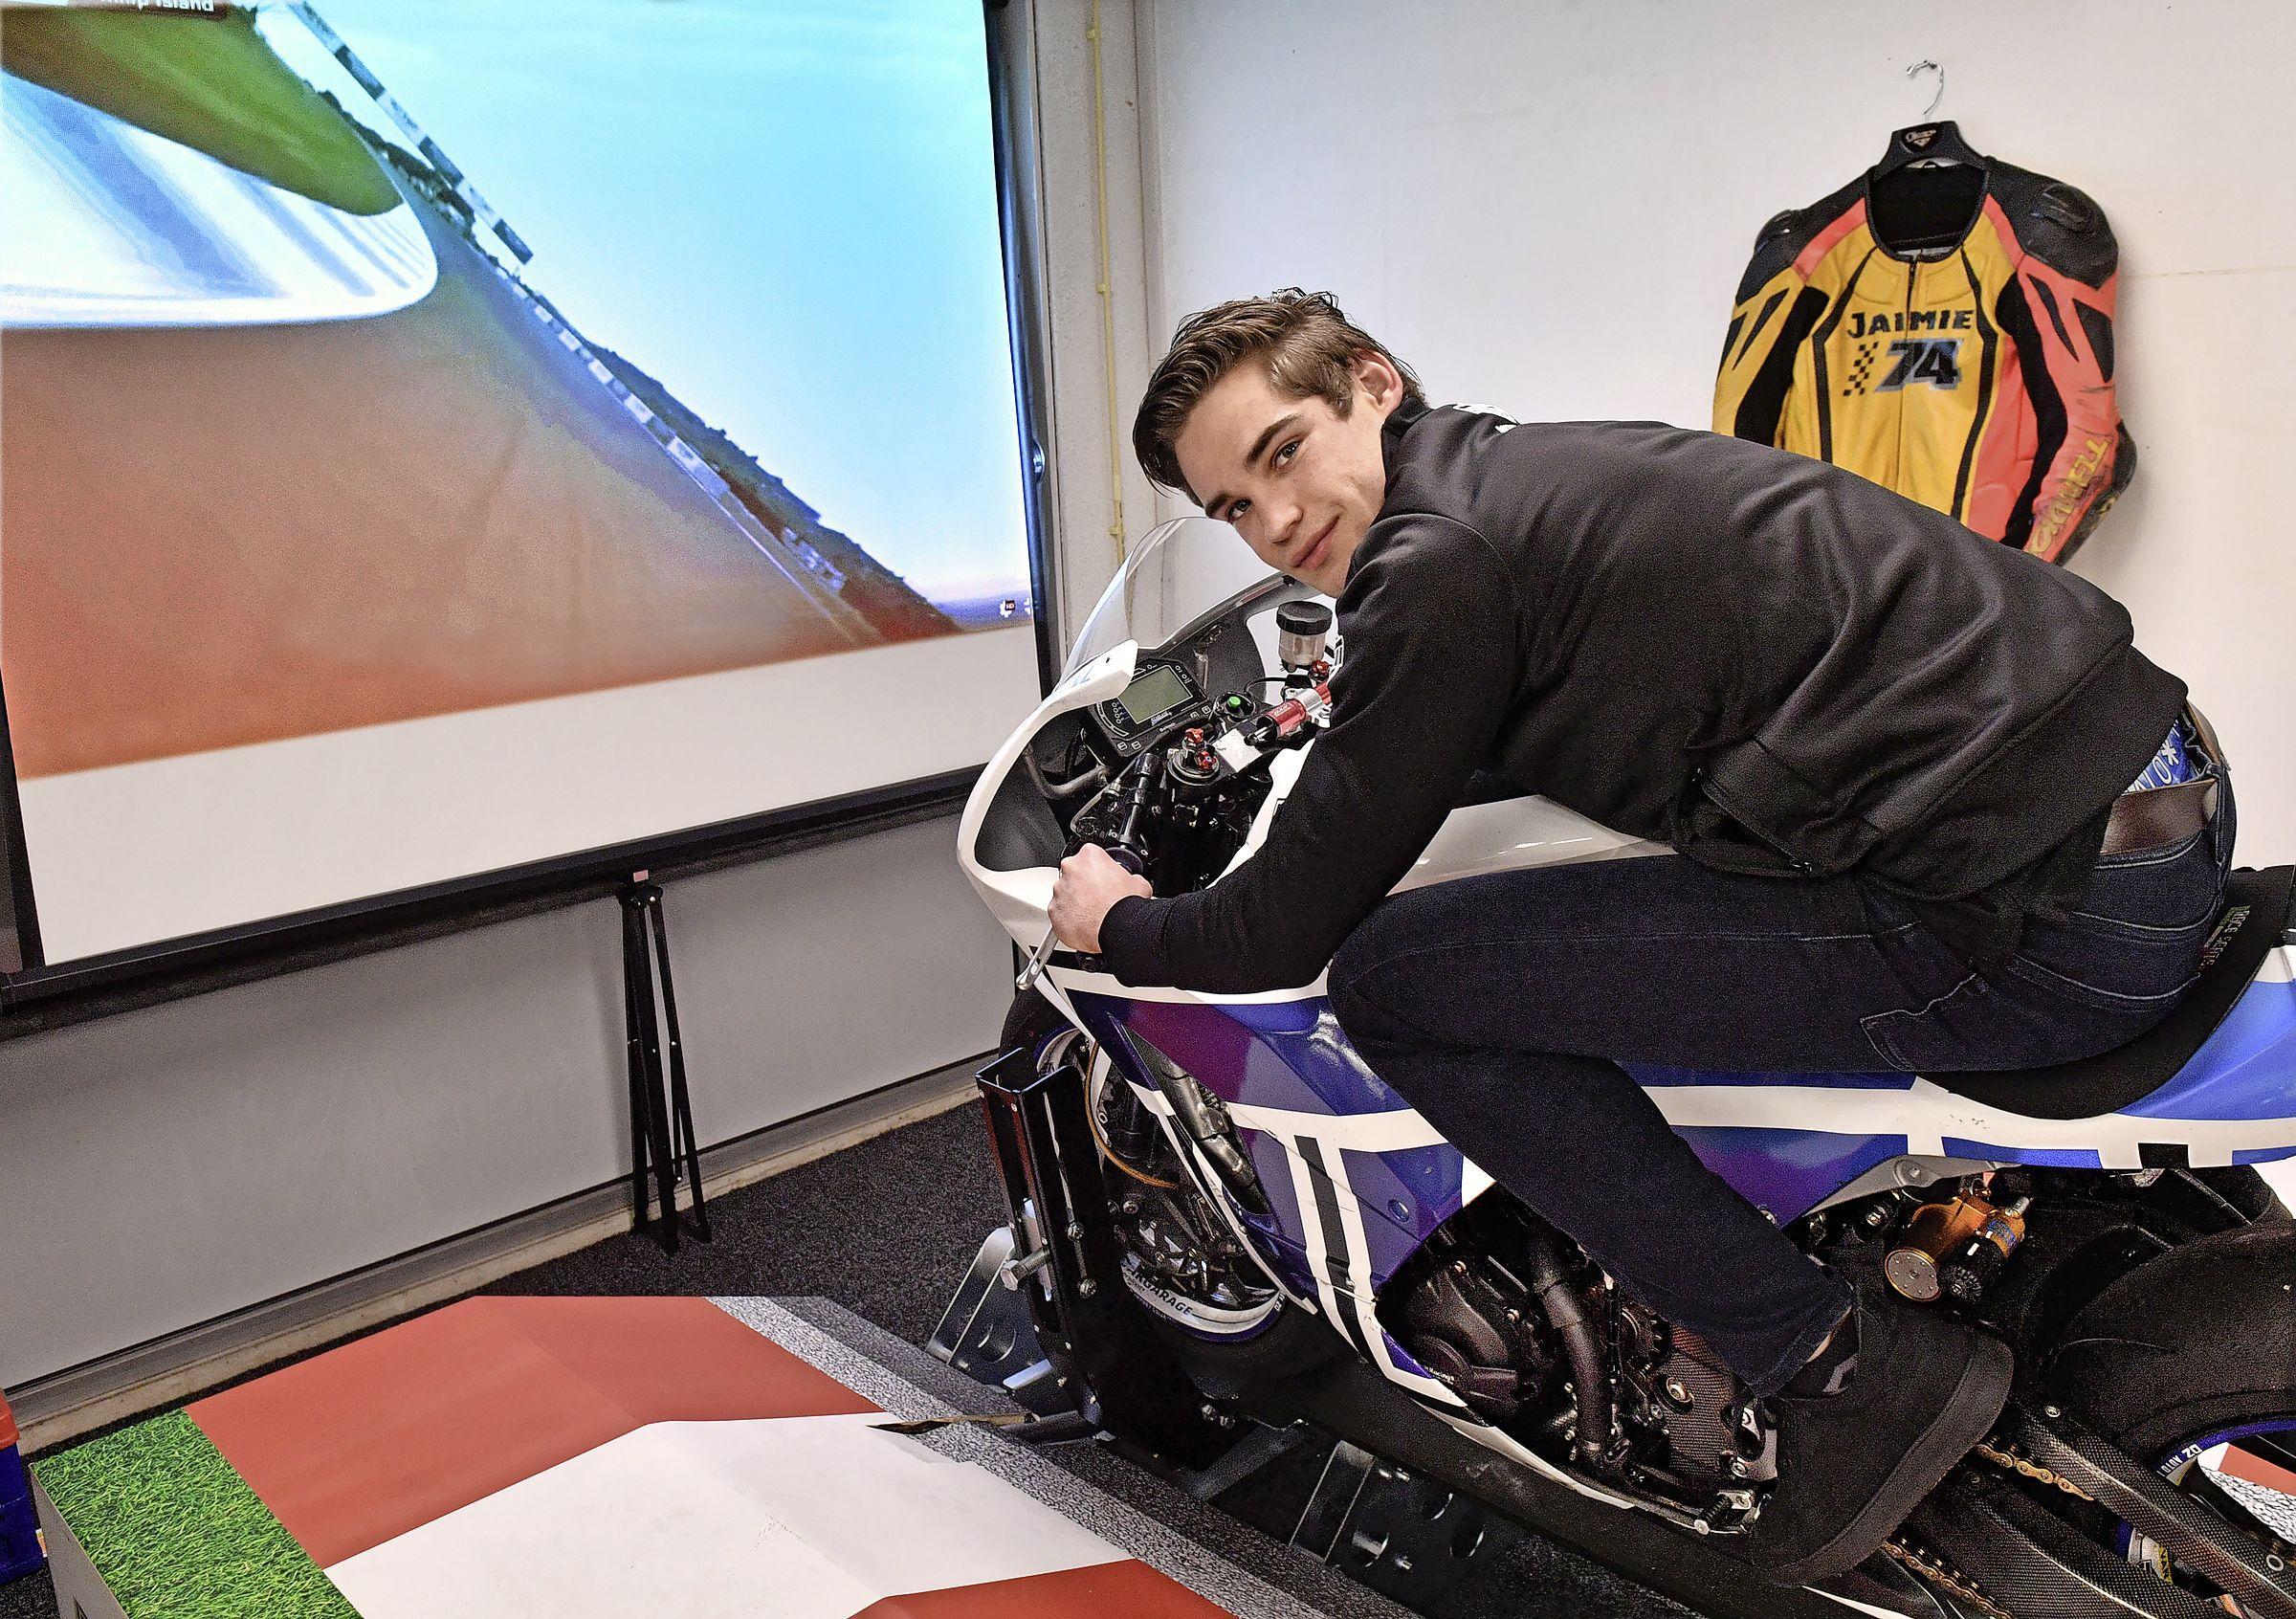 Na zes zware operaties zit Jaimie van Sikkelerus weer op de racemotor: 'Ik was aardig zenuwachtig en benieuwd of ik geen pijn zou hebben'